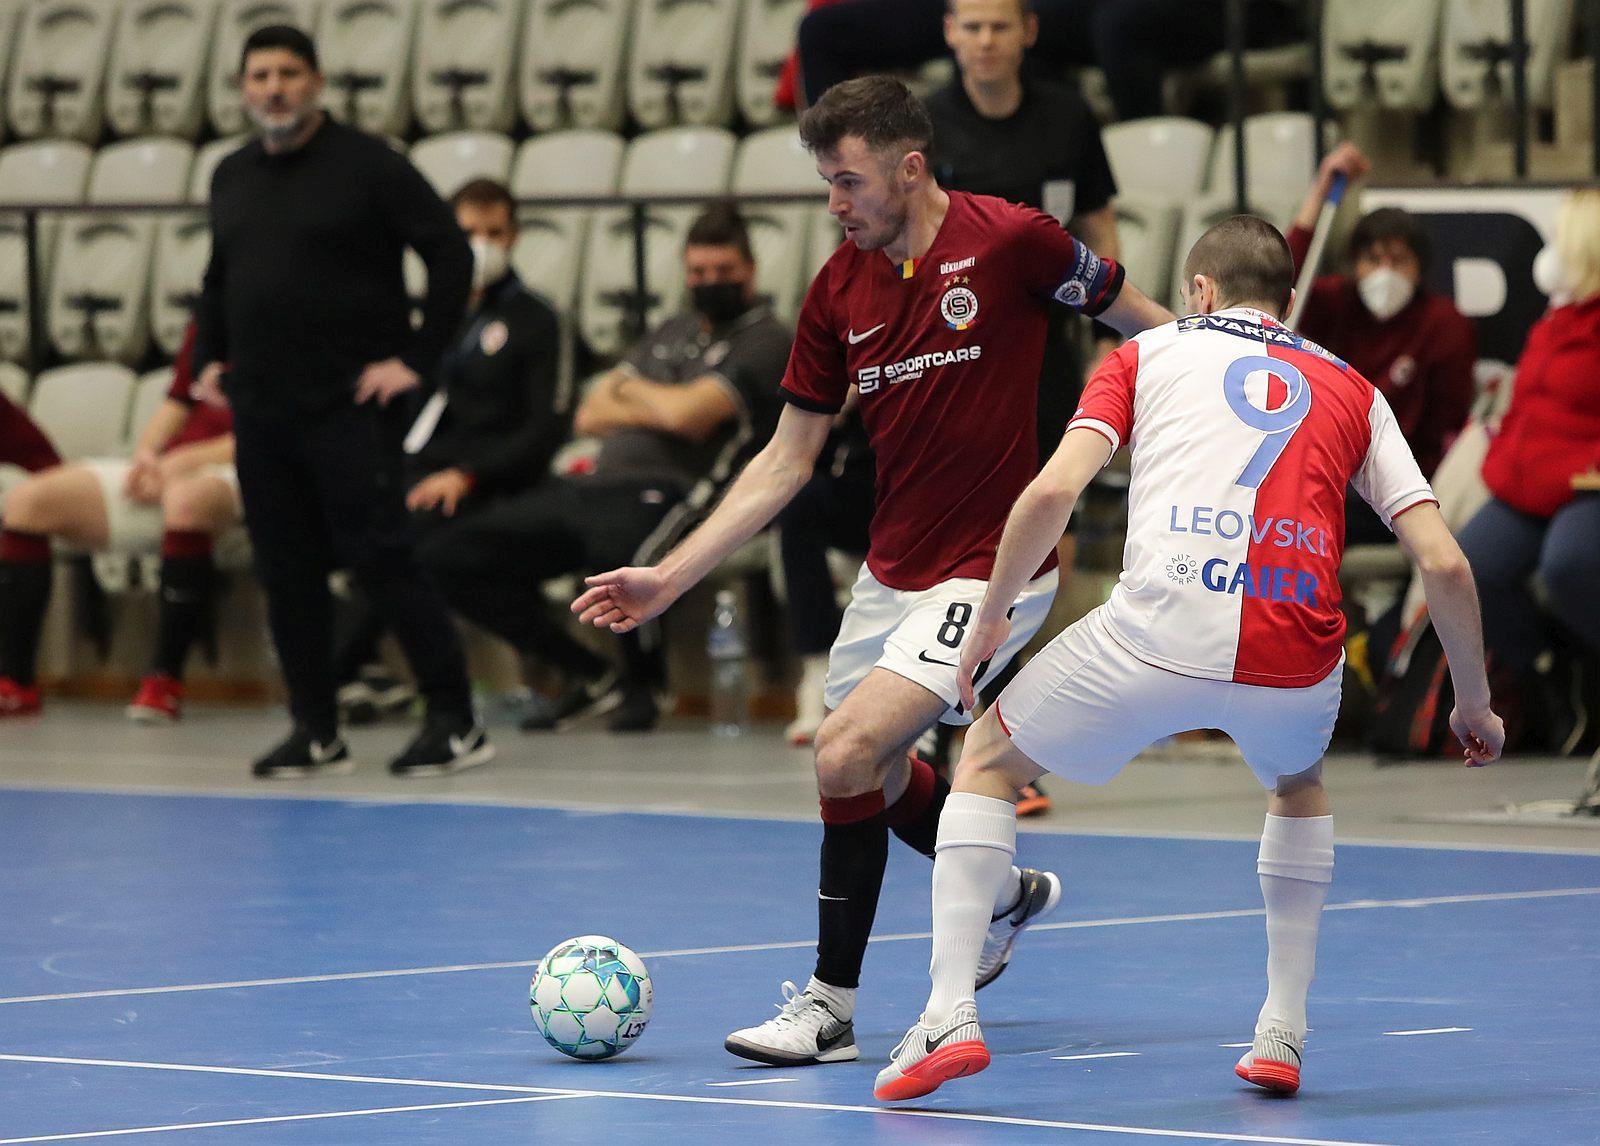 Sparta v prvním čtvrtfinále podlehla Slavii 0:1